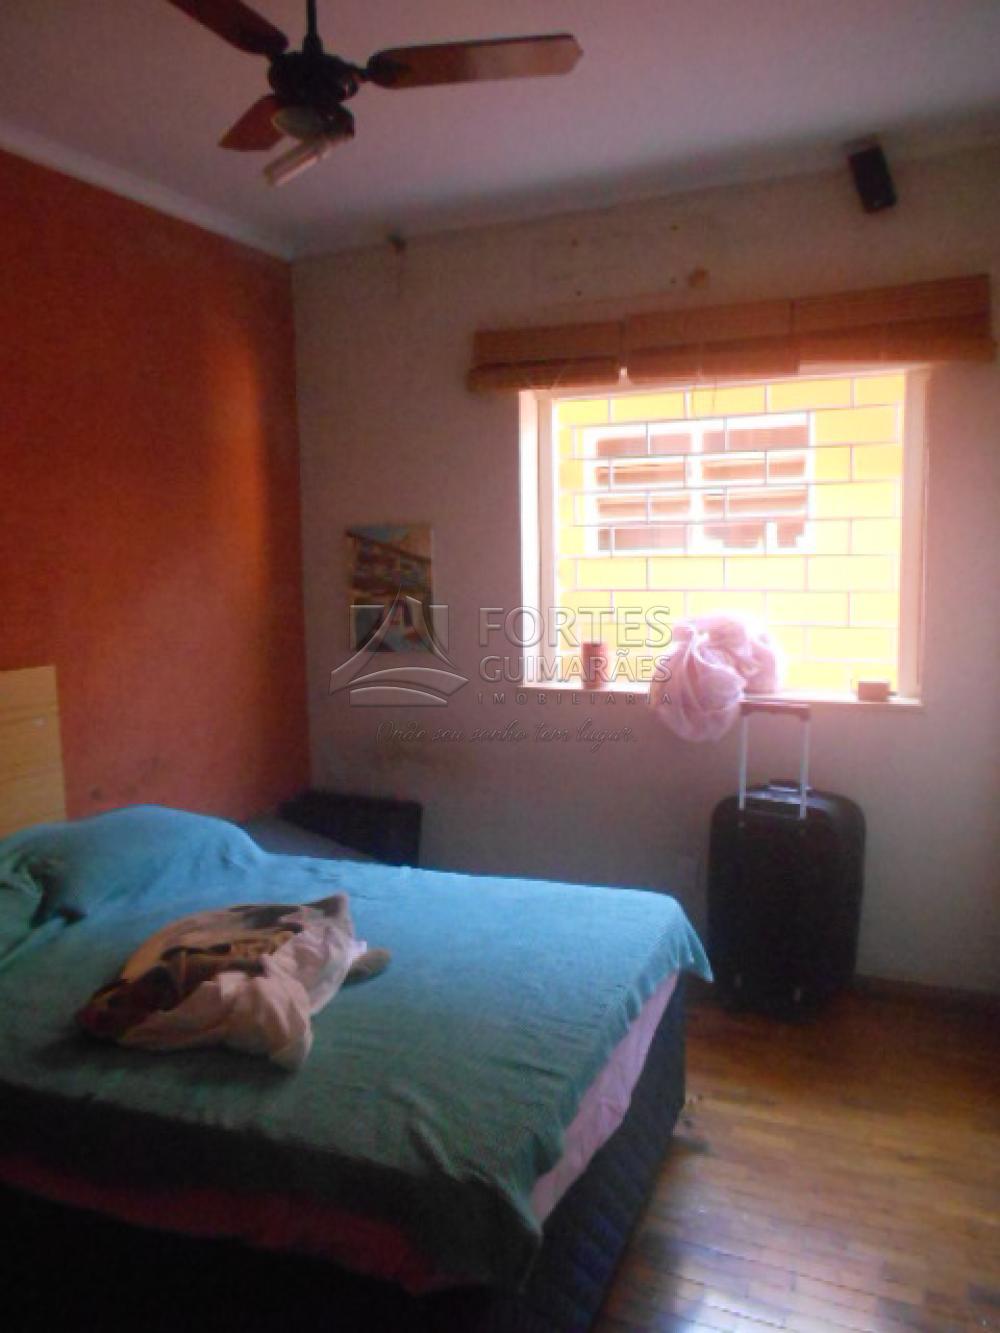 Alugar Casas / Padrão em Ribeirão Preto apenas R$ 2.000,00 - Foto 13